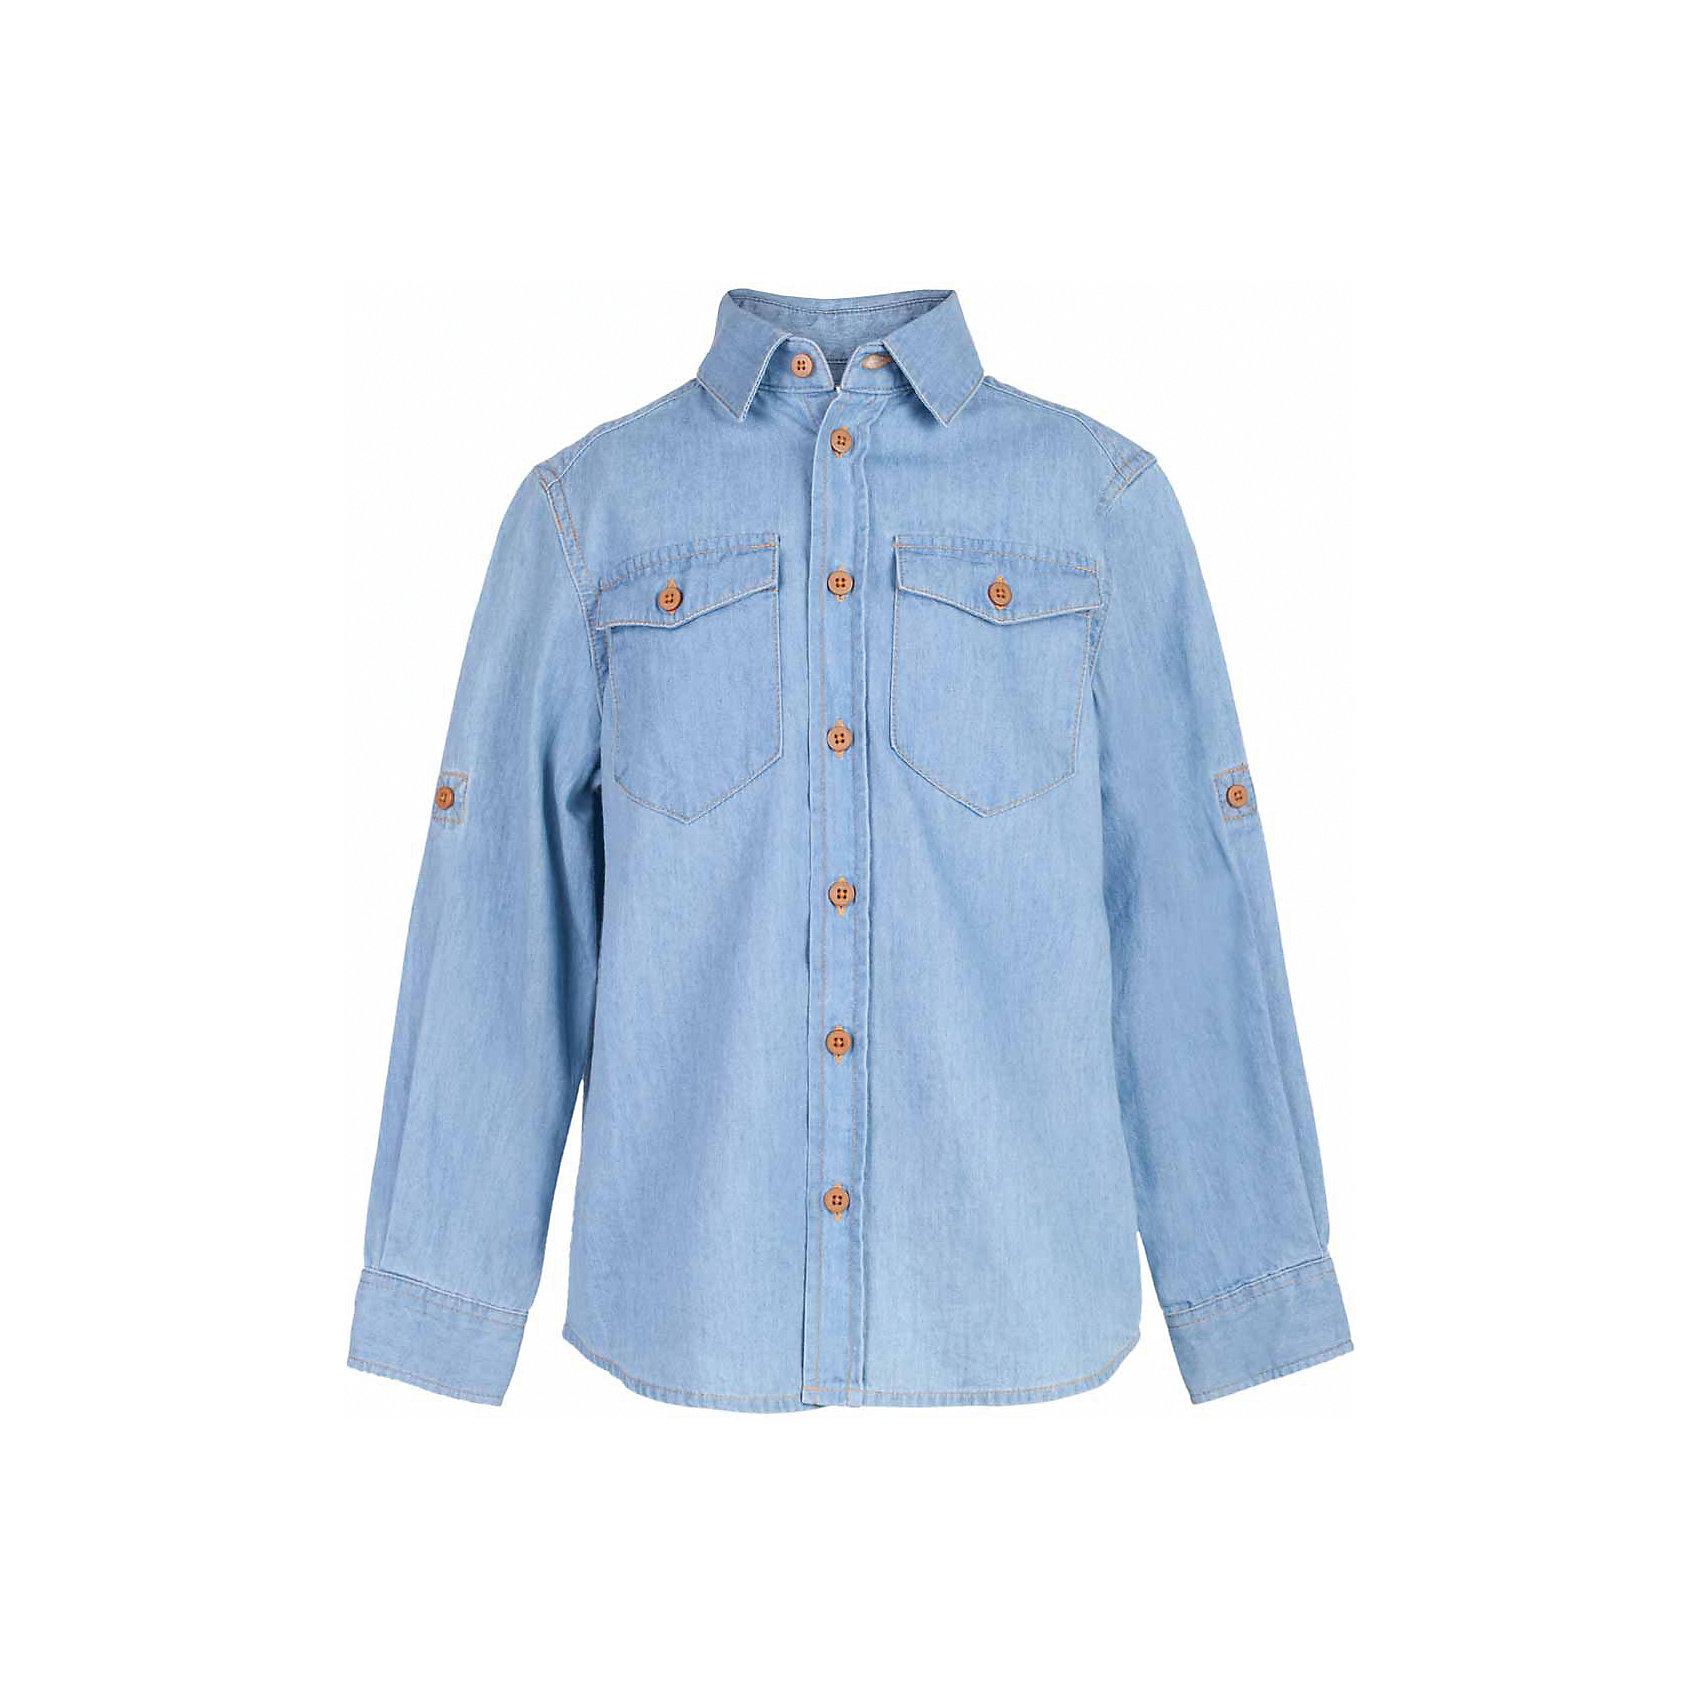 Рубашка джинсовая для мальчика  BUTTON BLUEБлузки и рубашки<br>Рубашка для мальчика  BUTTON BLUE<br>Джинсовая рубашка - модный акцент повседневного гардероба ребенка. Купить рубашку для мальчика стоит уже ранней весной, и сочетать ее с футболкой, толстовкой, джемпером, создавая модные многослойные образы. И для лета классная рубашка из 100% хлопка - отличный вариант. С брюками, шортами, джинсами она будет выглядеть свежо и стильно!<br>Состав:<br>100%  хлопок<br><br>Ширина мм: 174<br>Глубина мм: 10<br>Высота мм: 169<br>Вес г: 157<br>Цвет: голубой<br>Возраст от месяцев: 120<br>Возраст до месяцев: 132<br>Пол: Мужской<br>Возраст: Детский<br>Размер: 146,152,158,98,104,110,116,122,128,134,140<br>SKU: 5524440